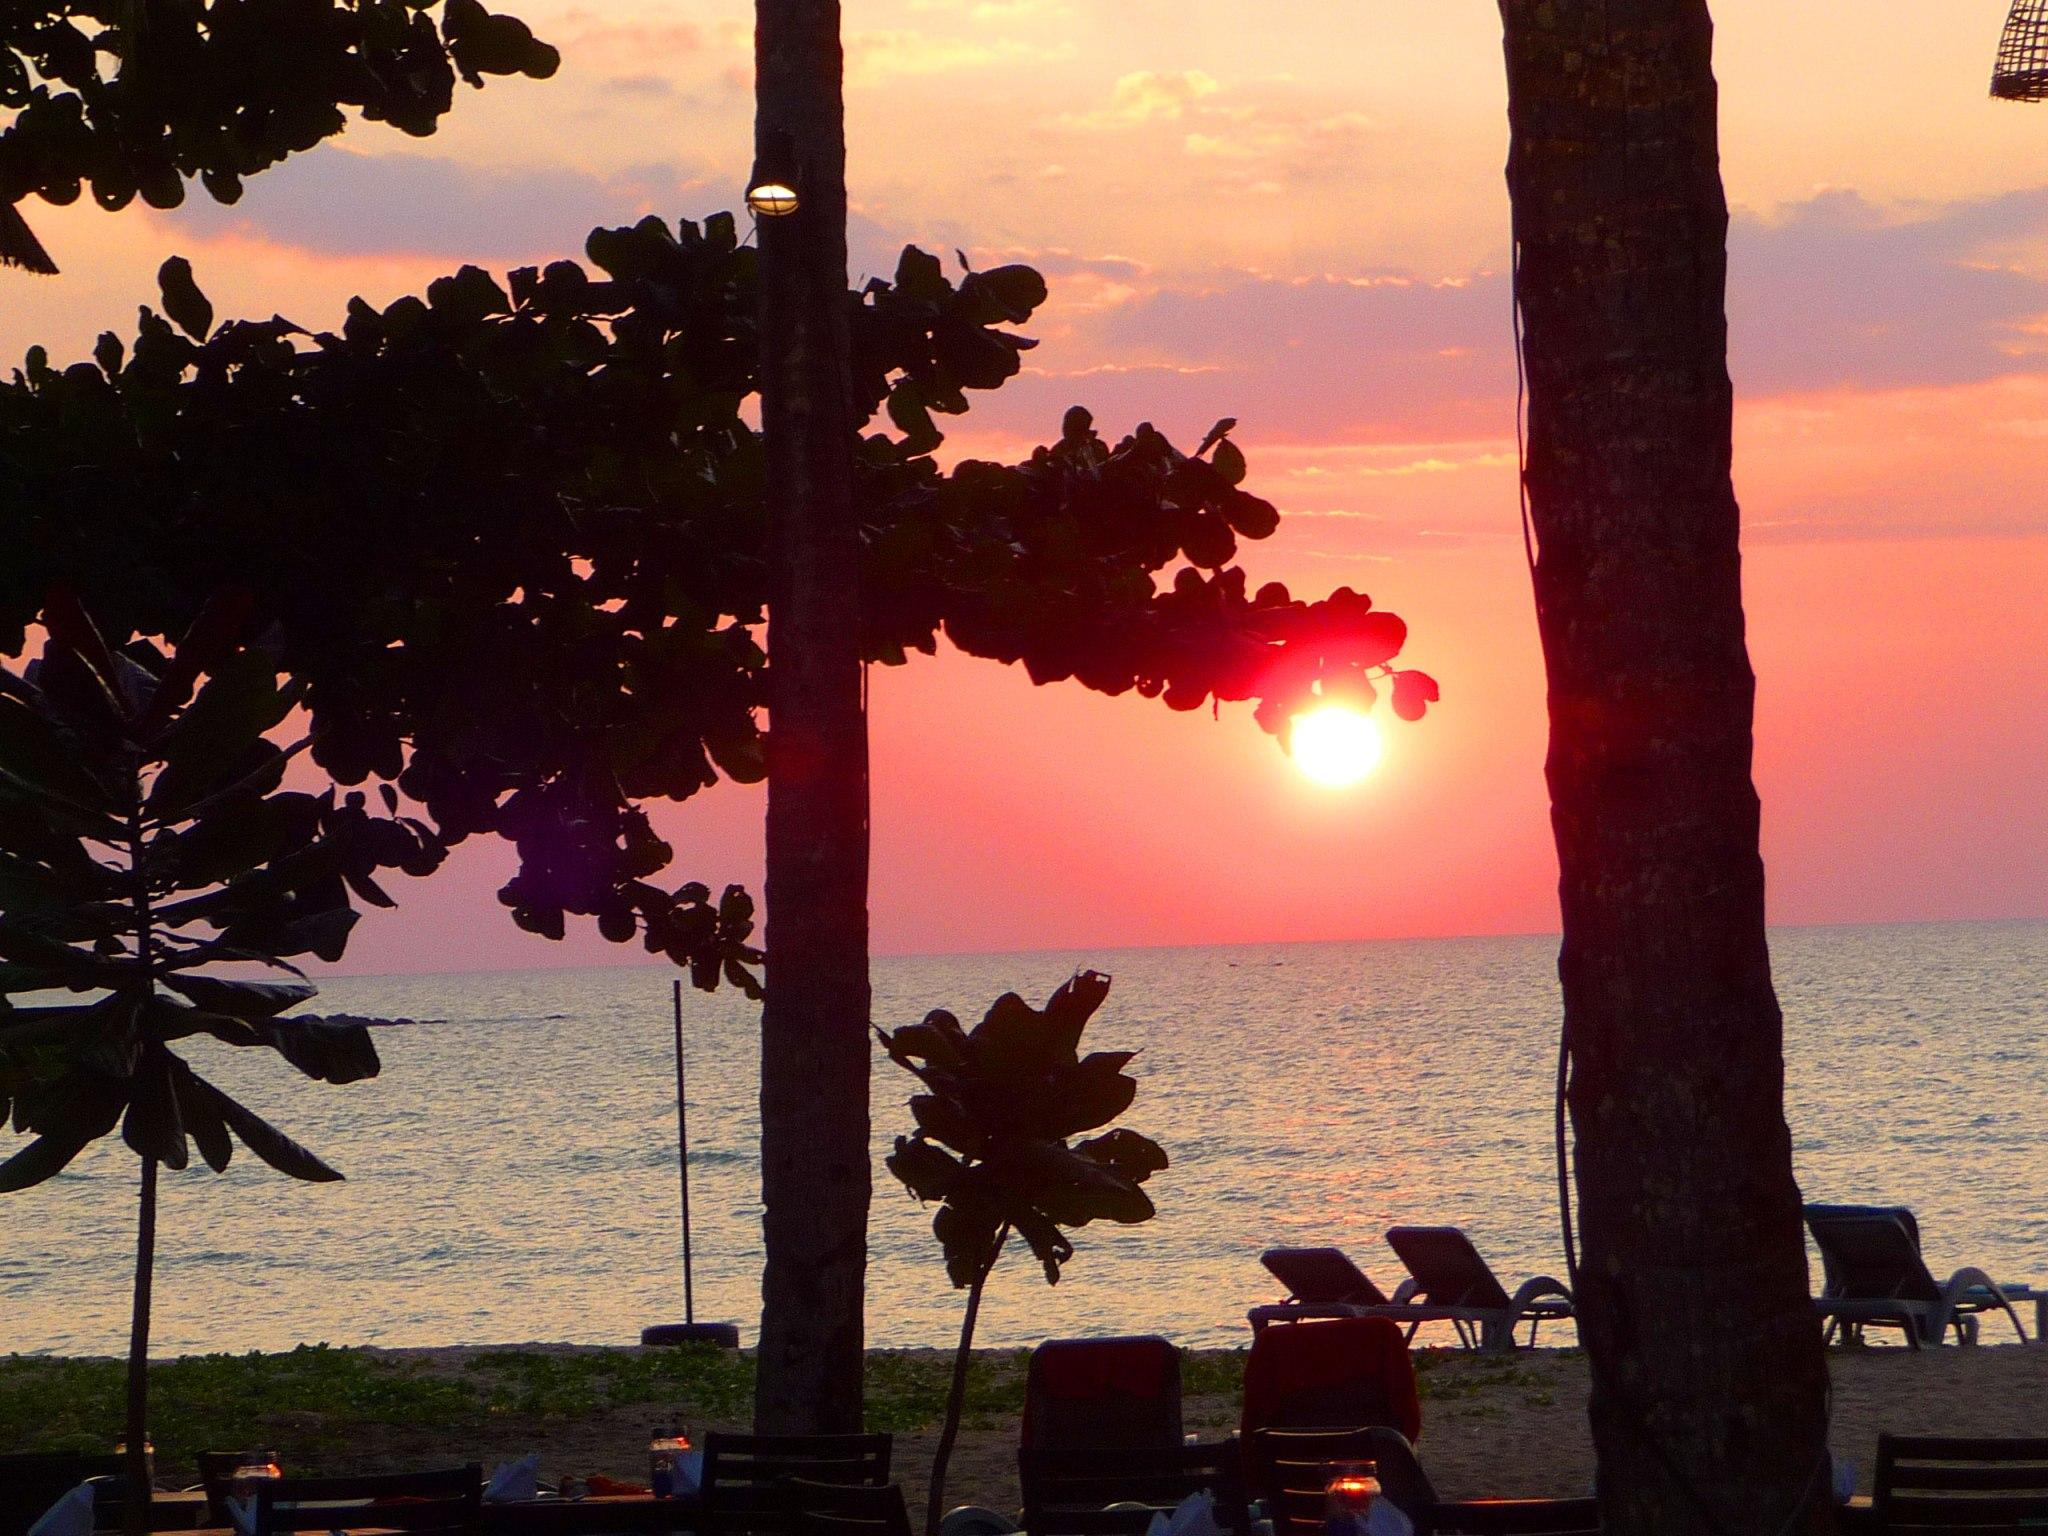 sunset-at-hotel-manathai-khao-lak-thailand